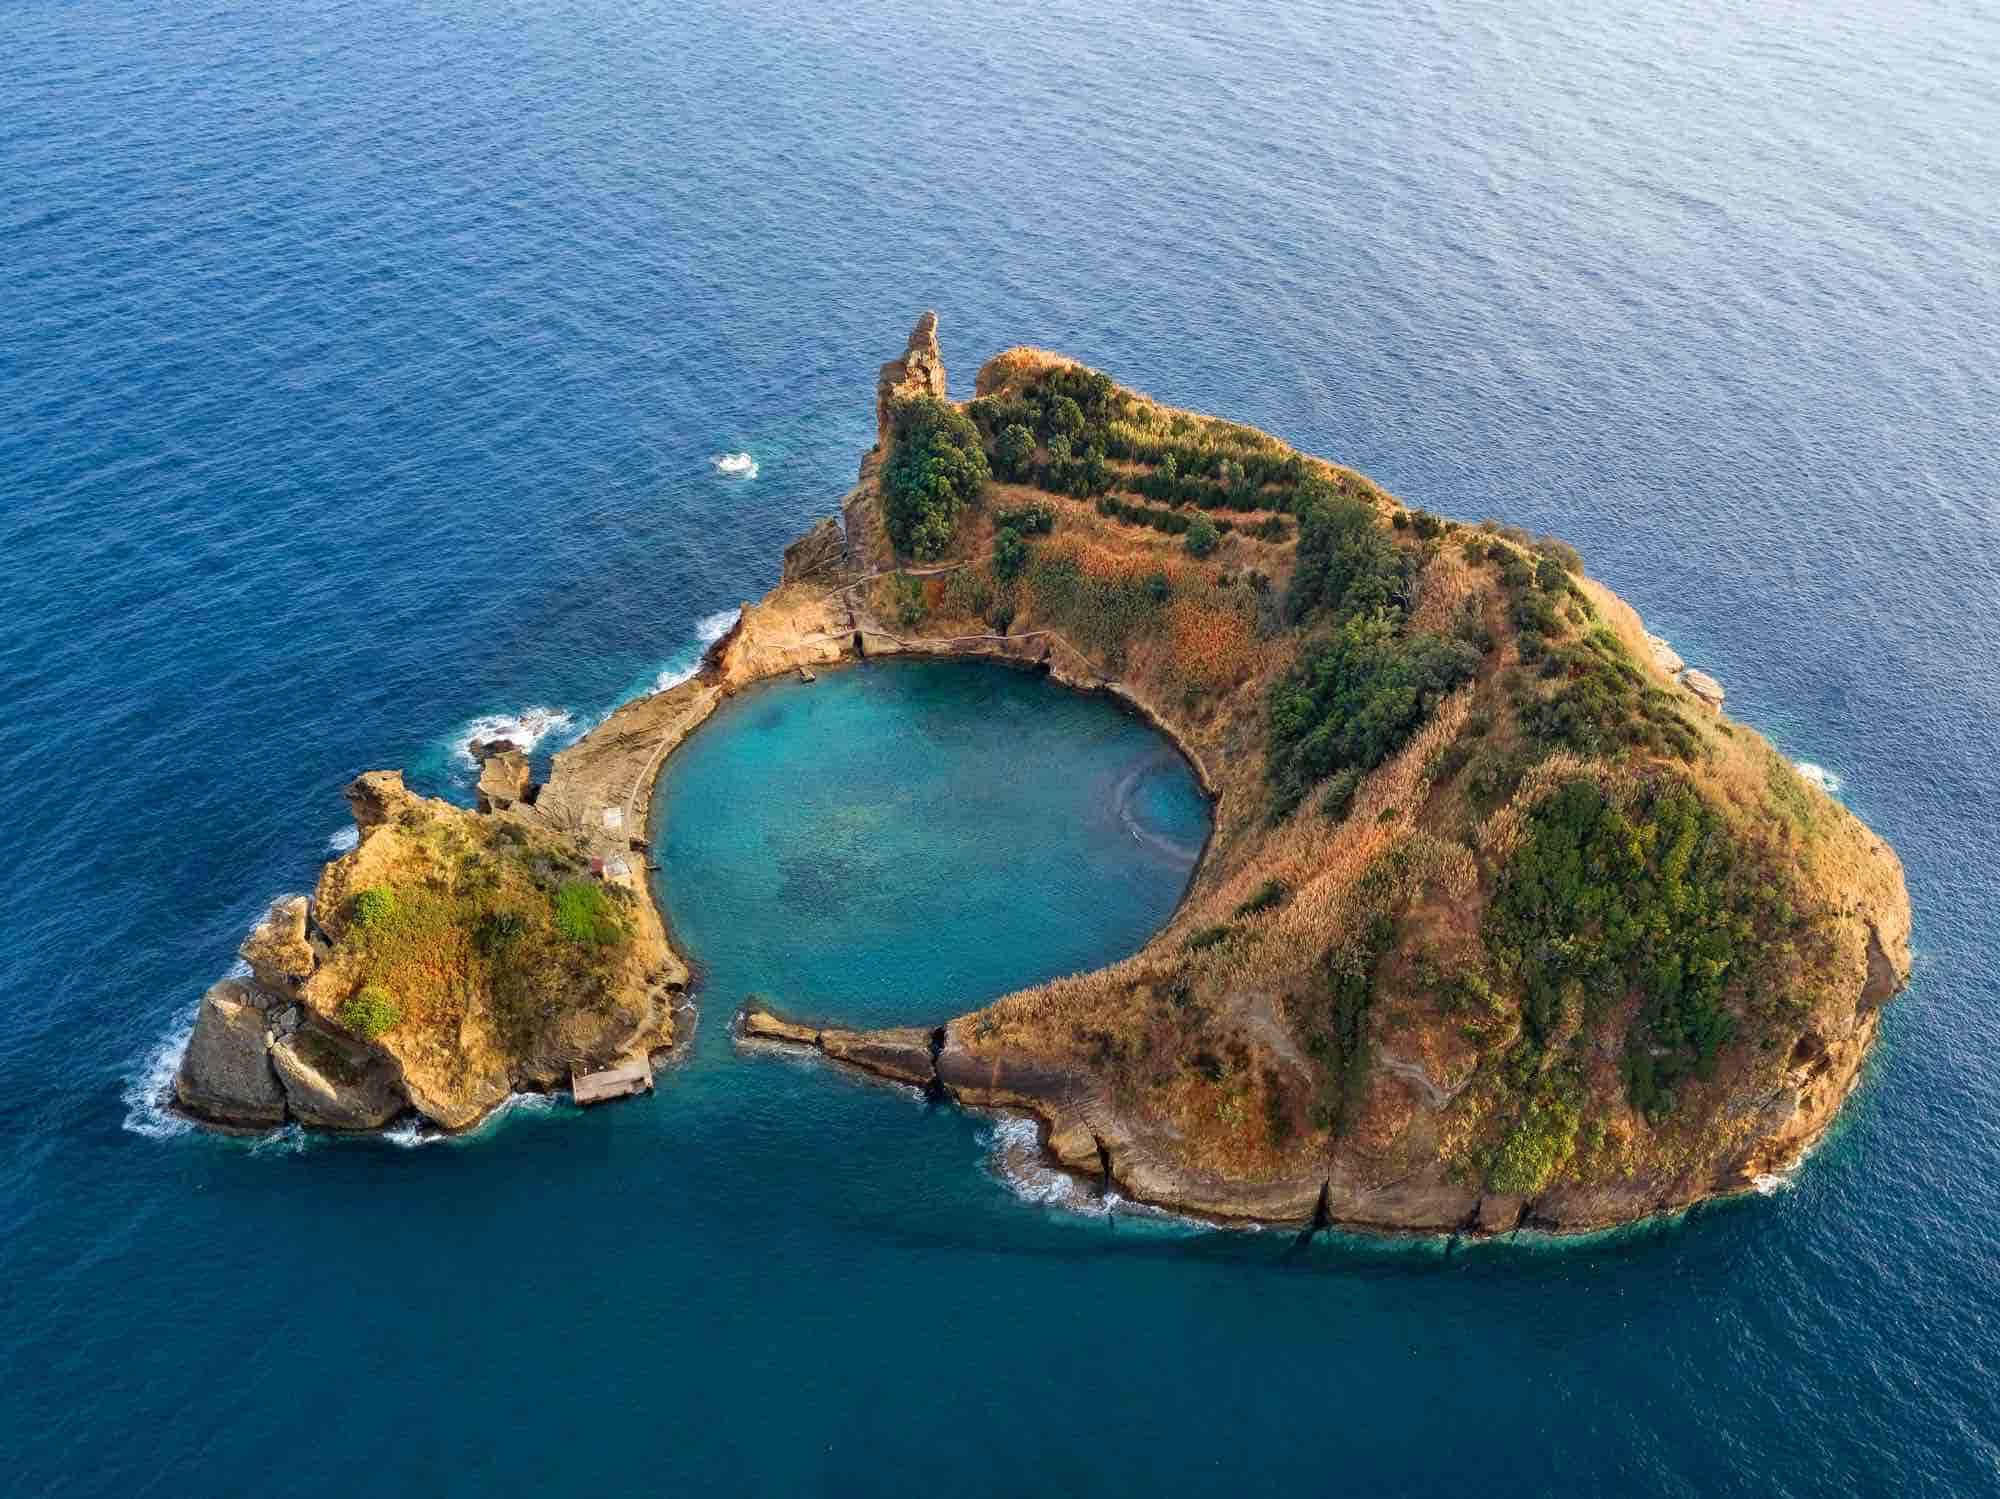 Viaggi per sub Isole Azzorre Profondo Blu